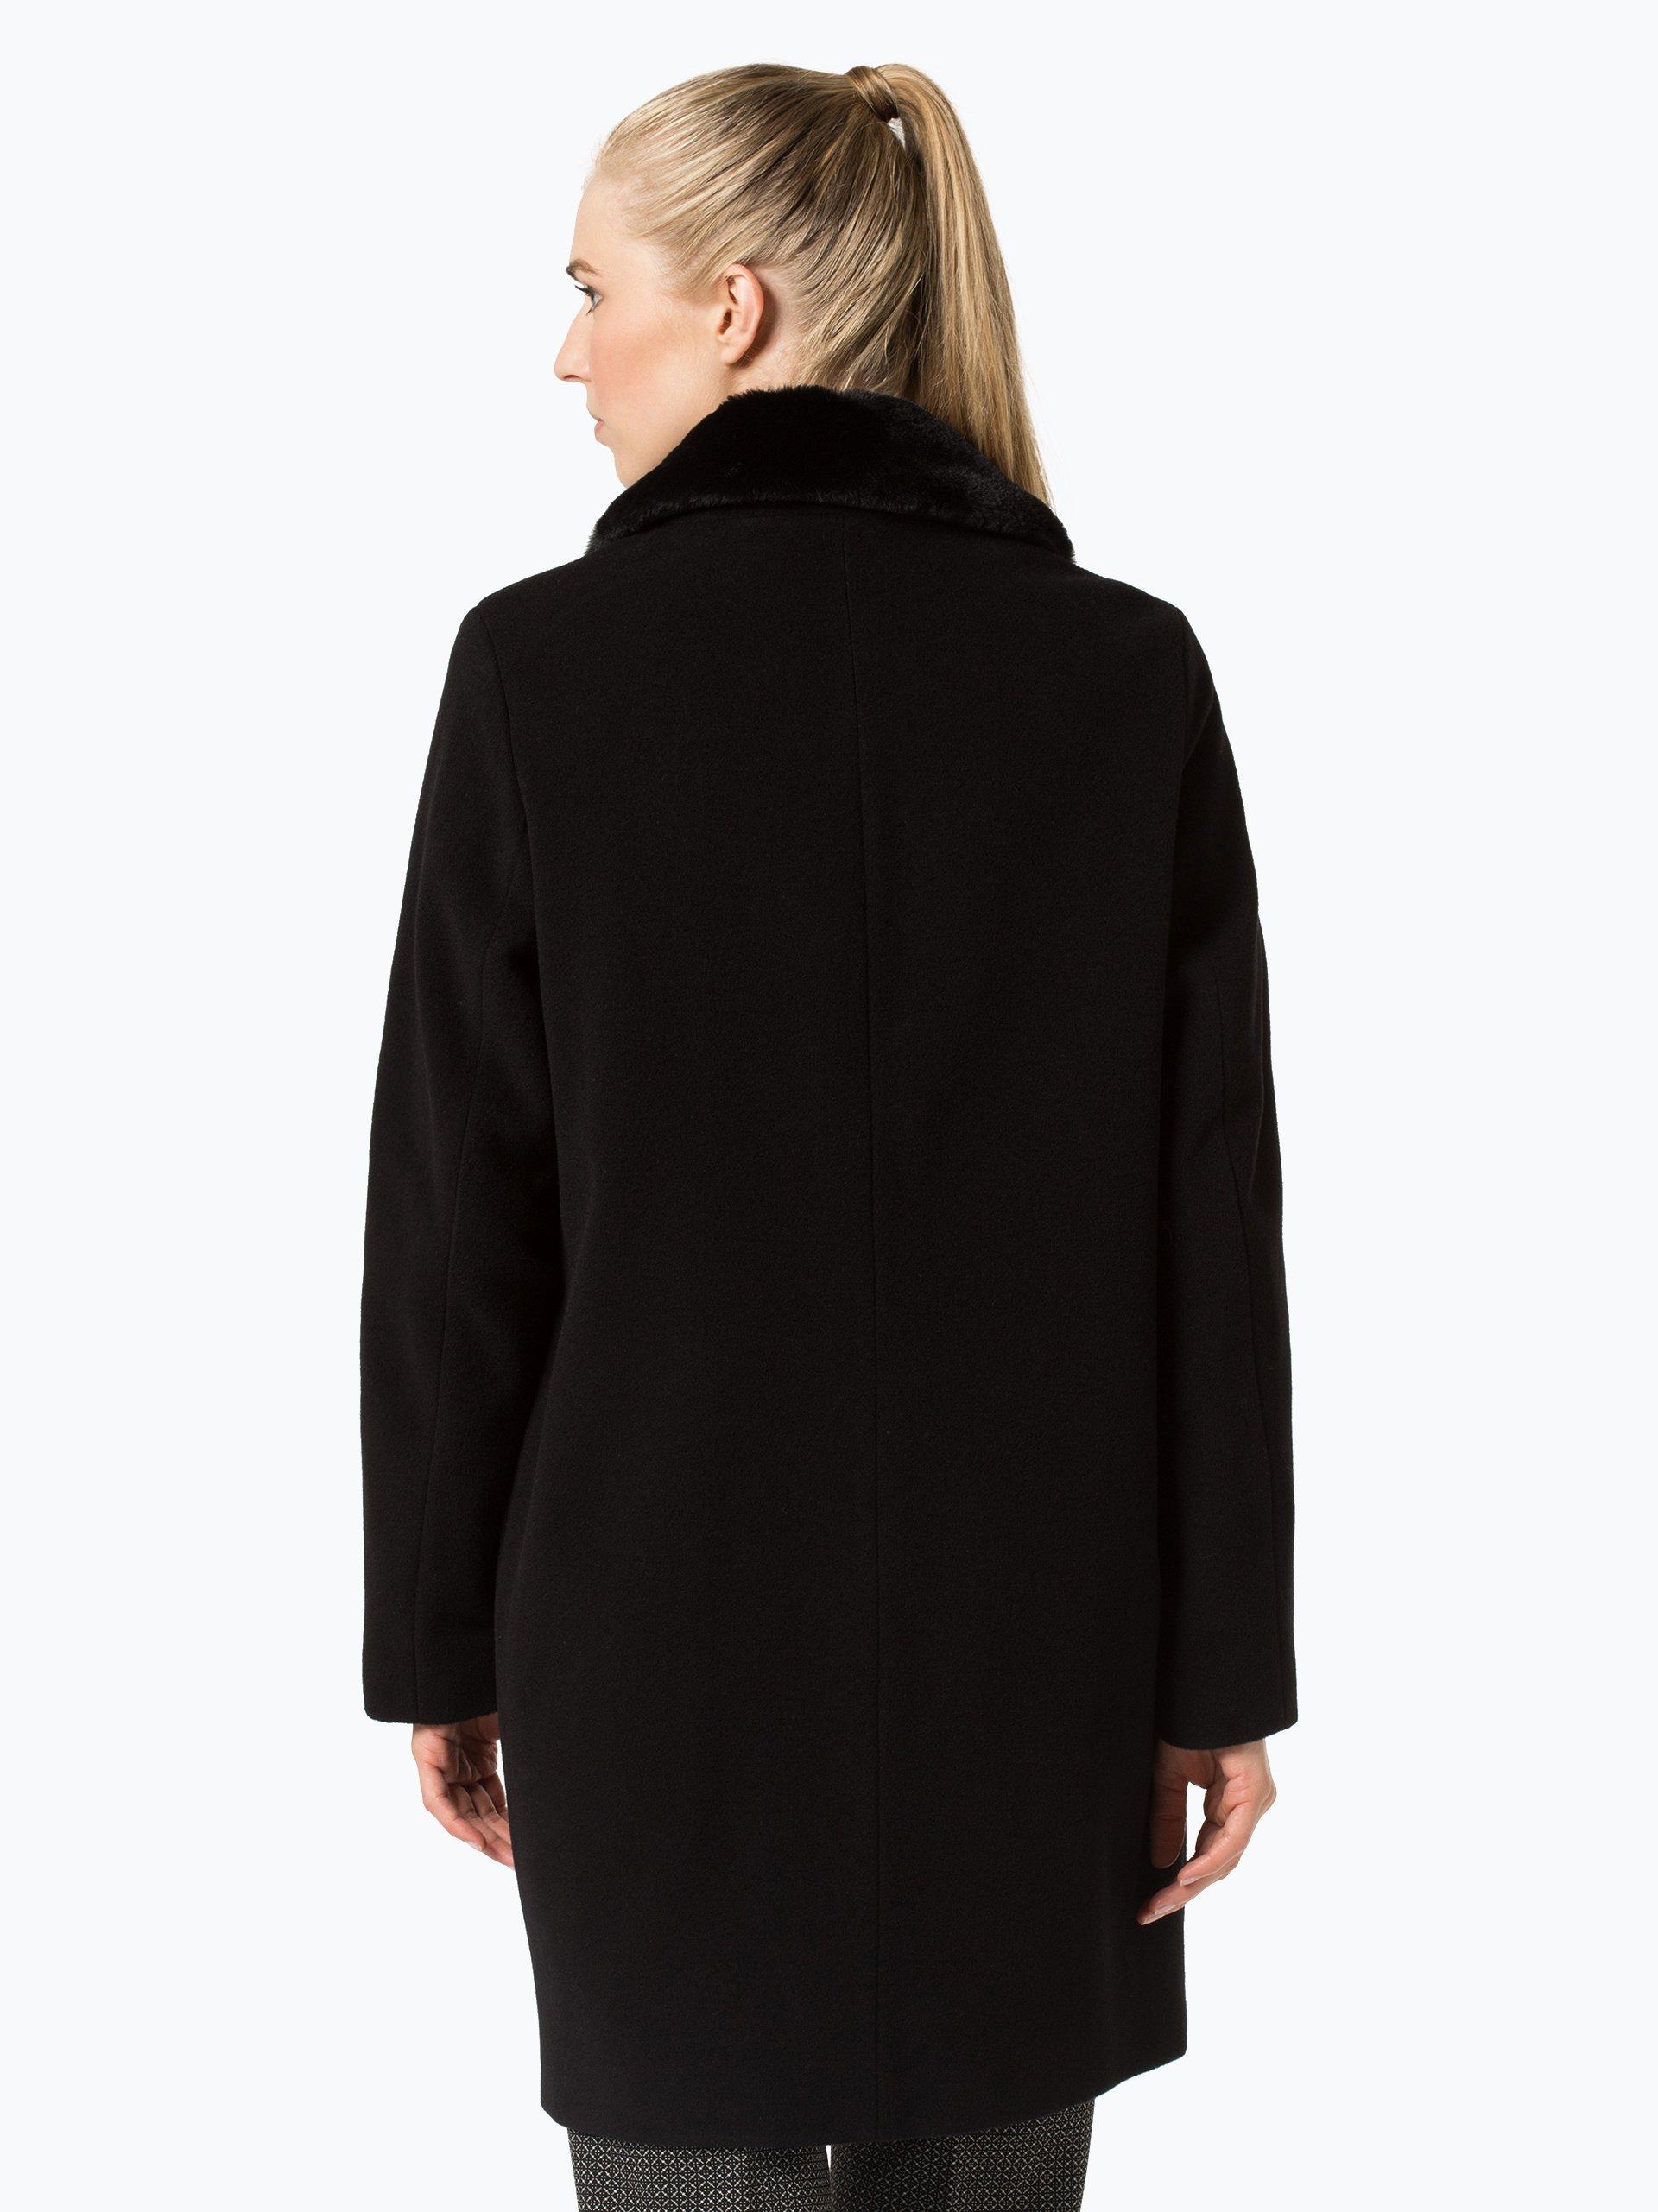 marie lund damen mantel mit cashmere anteil schwarz uni online kaufen vangraaf com. Black Bedroom Furniture Sets. Home Design Ideas